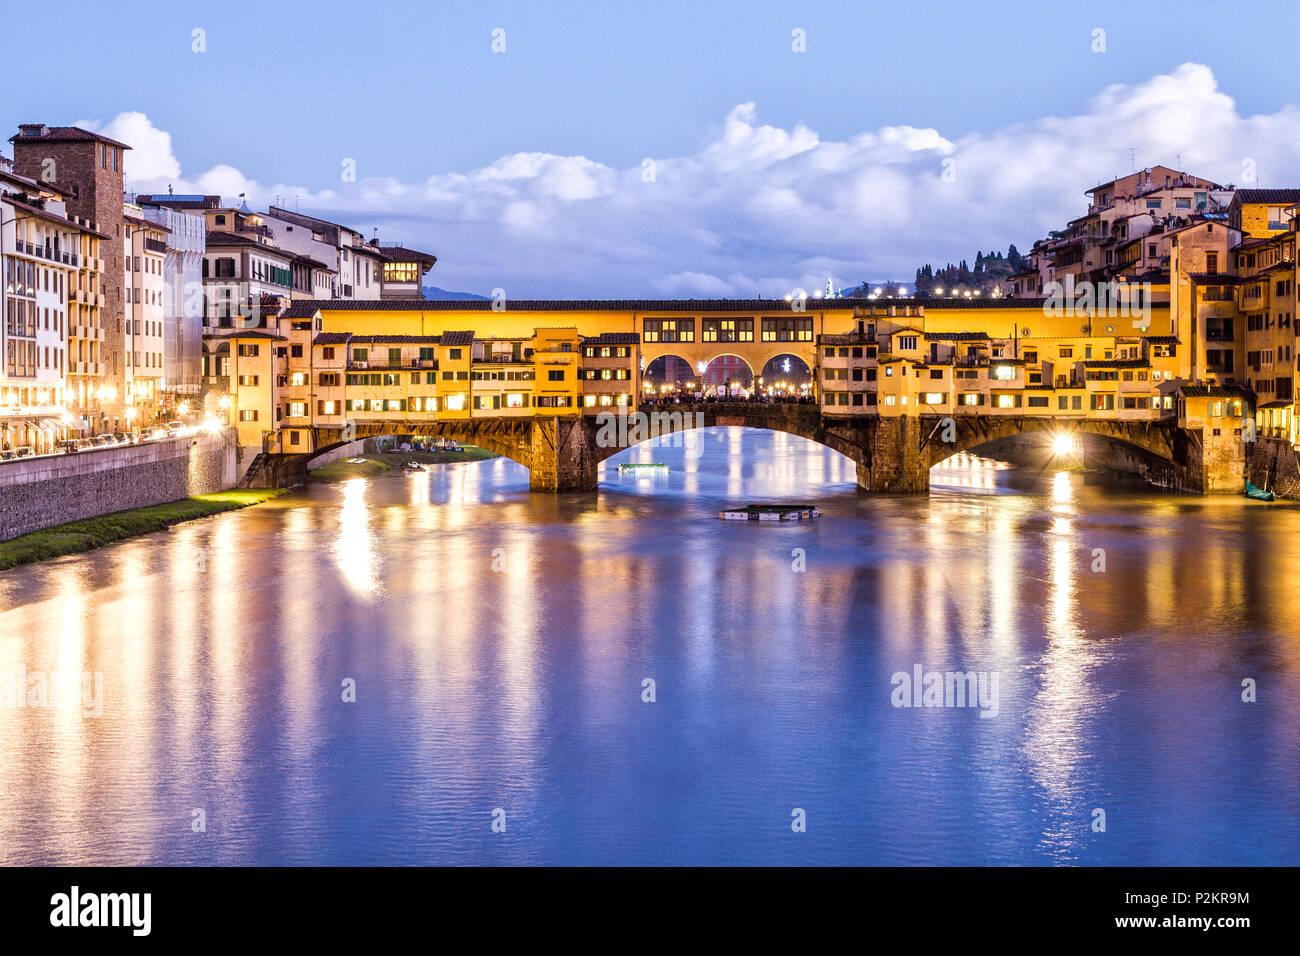 Le Ponte Vecchio (Vieux Pont) au soir. Florence, Province de Florence, en Italie. Photo Stock